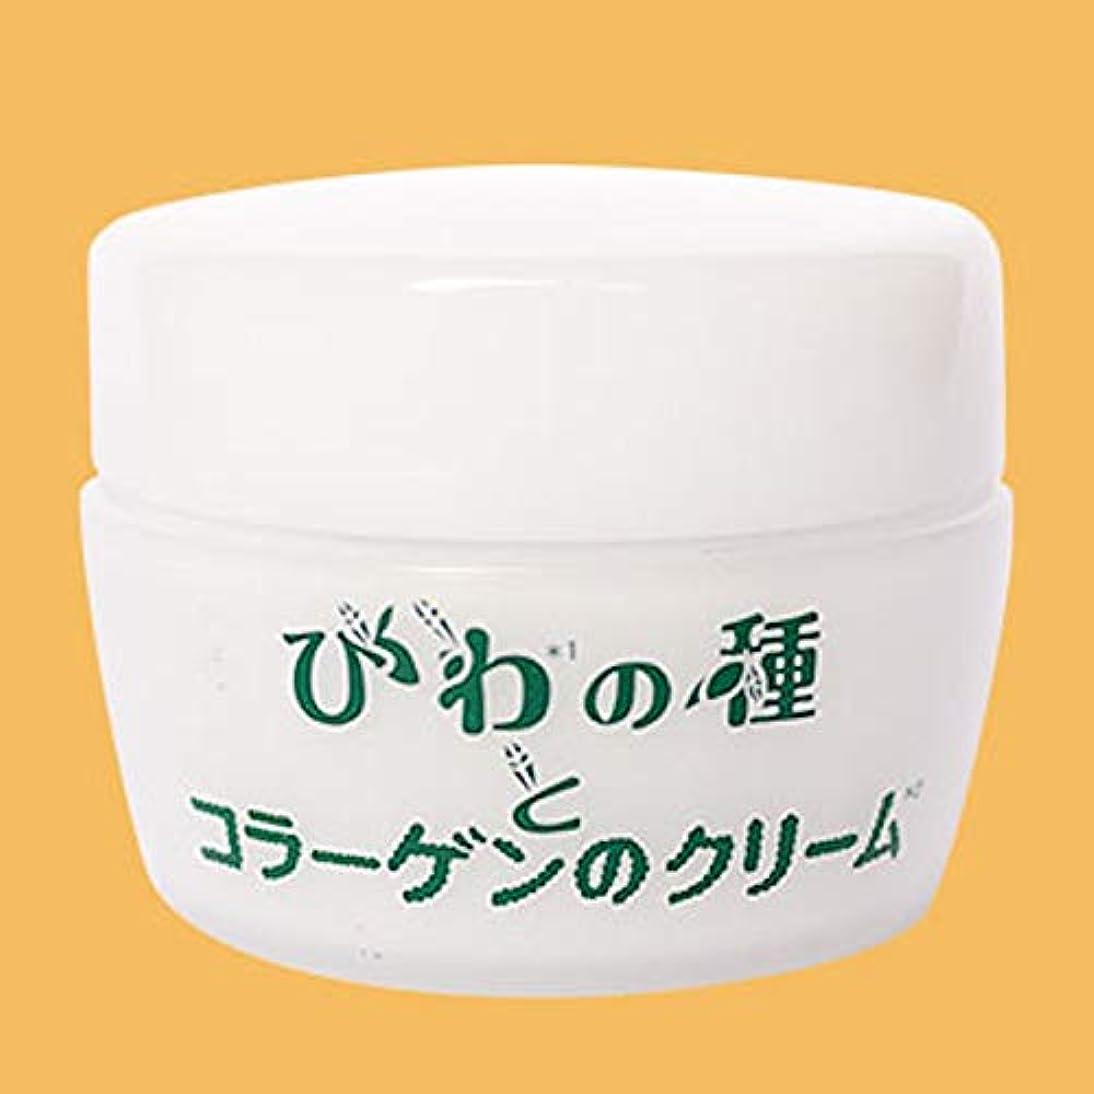 入来屋 びわの種とコラーゲンのクリーム 50g